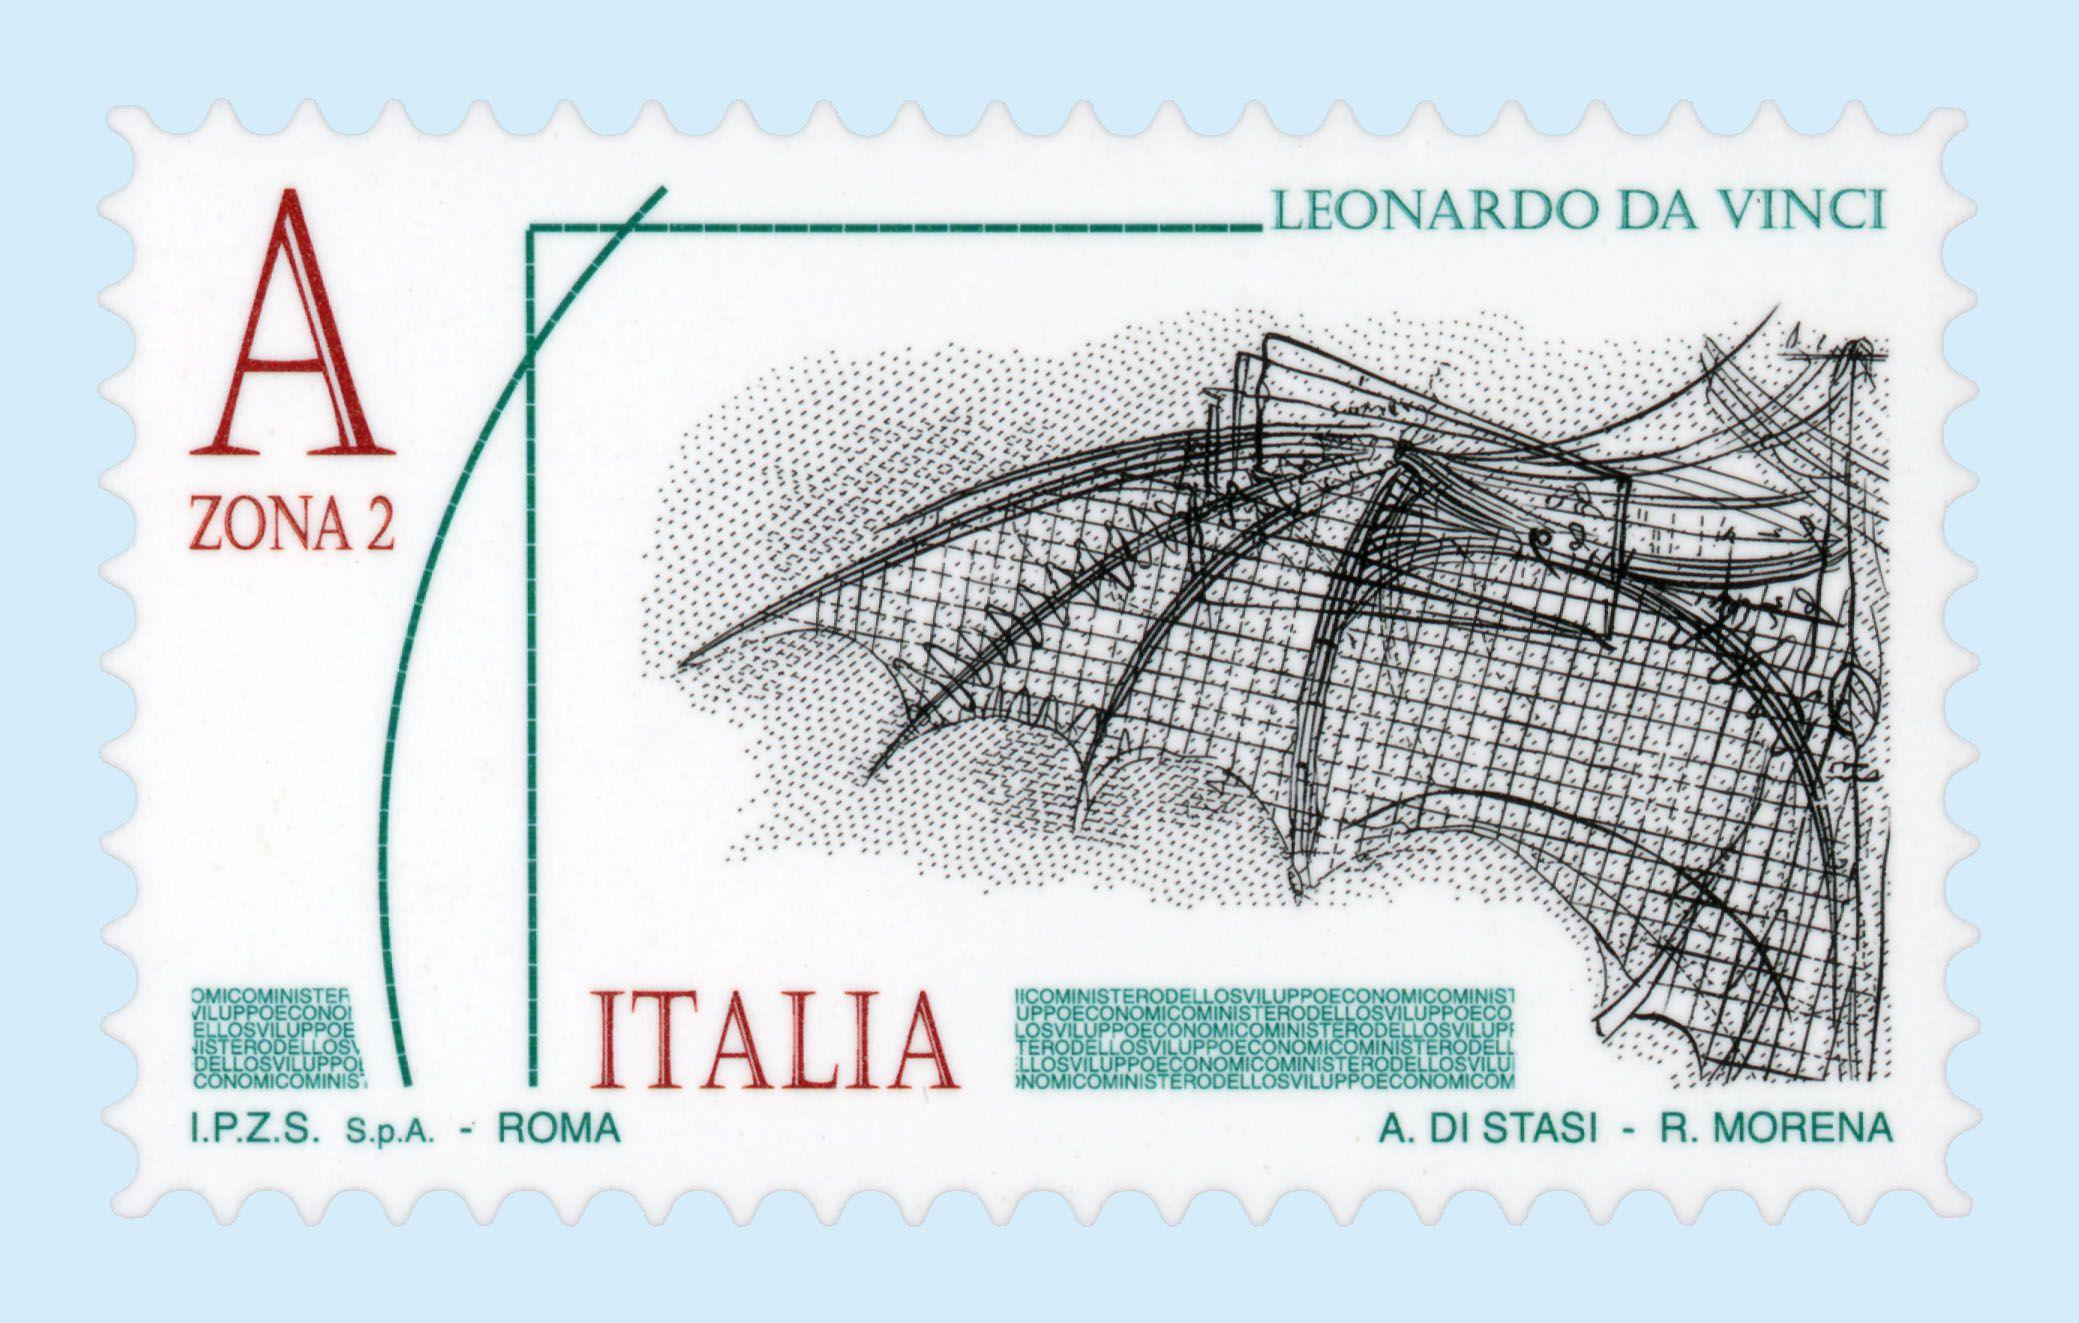 Ala Meccanica Particolare Del Codice Atlantico Esposto Nella Veneranda Biblioteca Ambrosiana Di Mila Francobolli Filatelia Leonardo Da Vinci